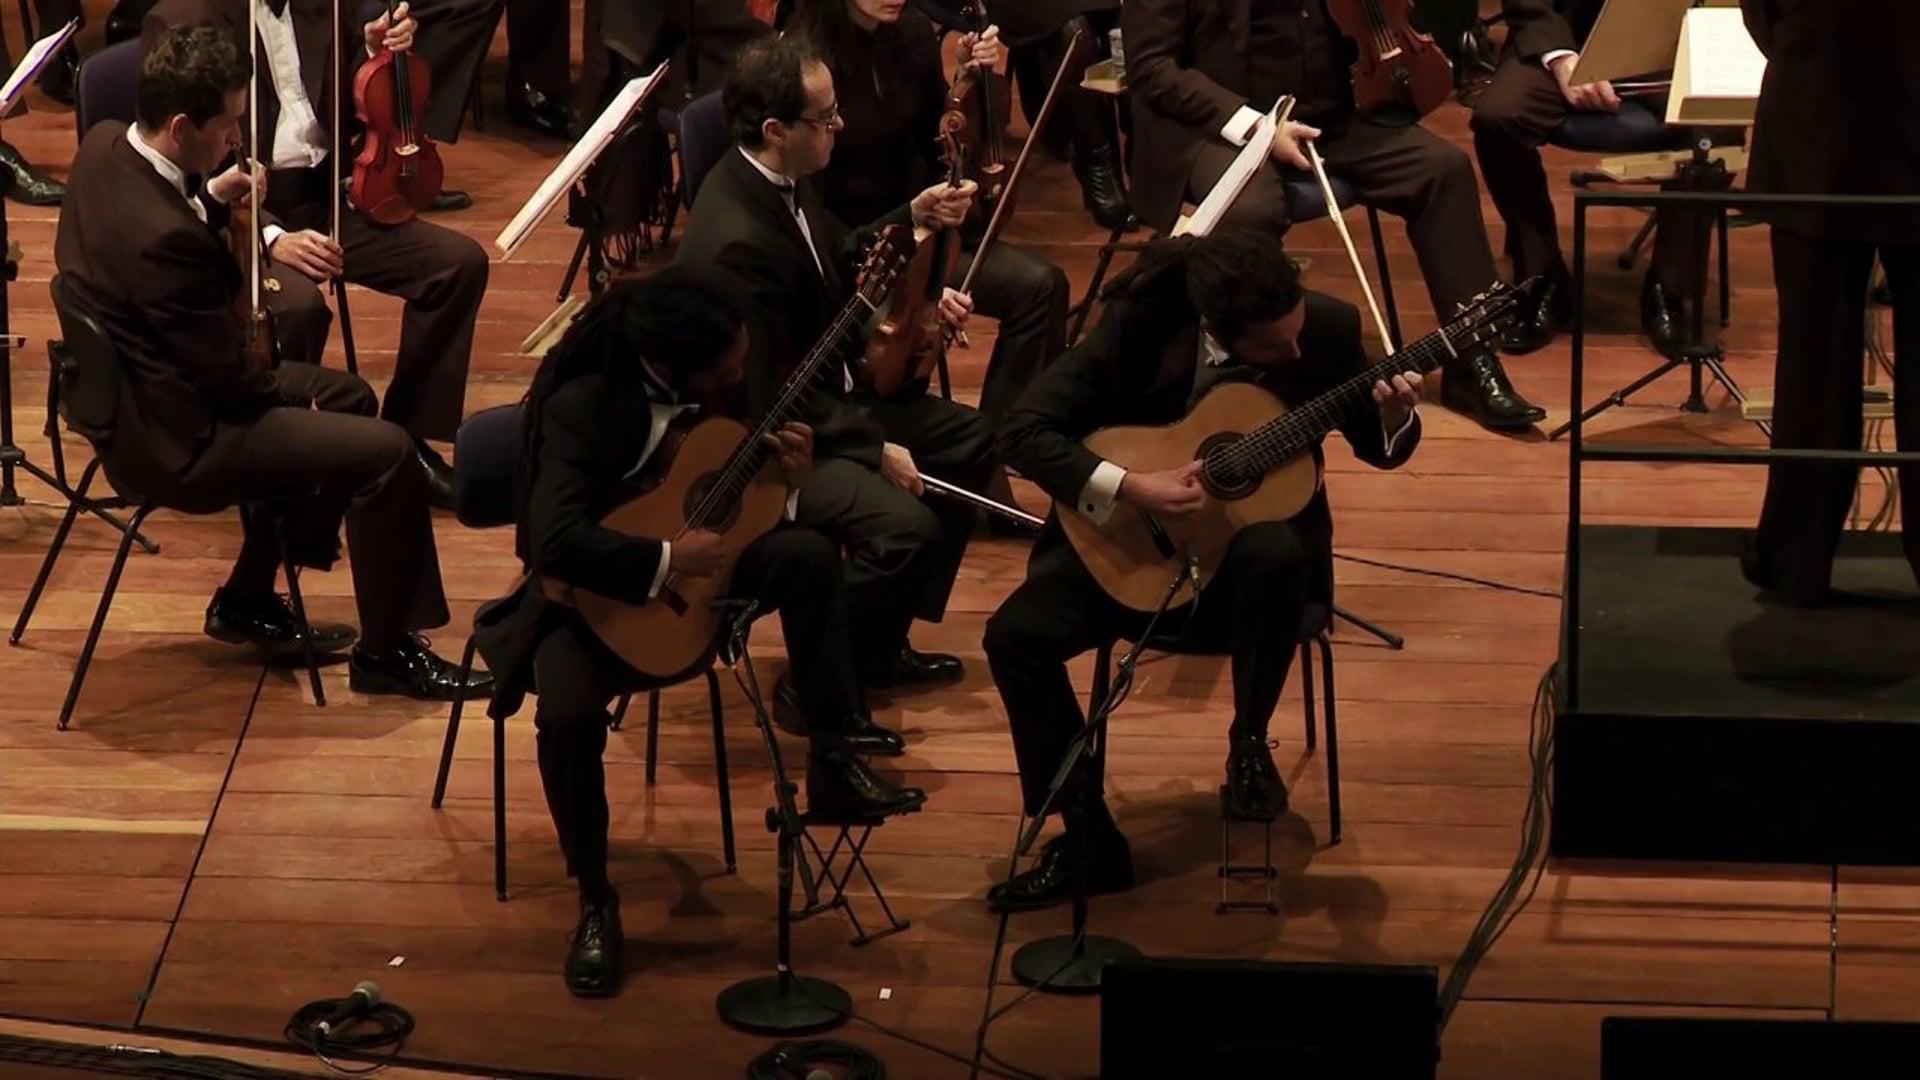 44º Festival de Campos do Jordão   Brasil Guitar Duo   Orquestra Jazz Sinfônica